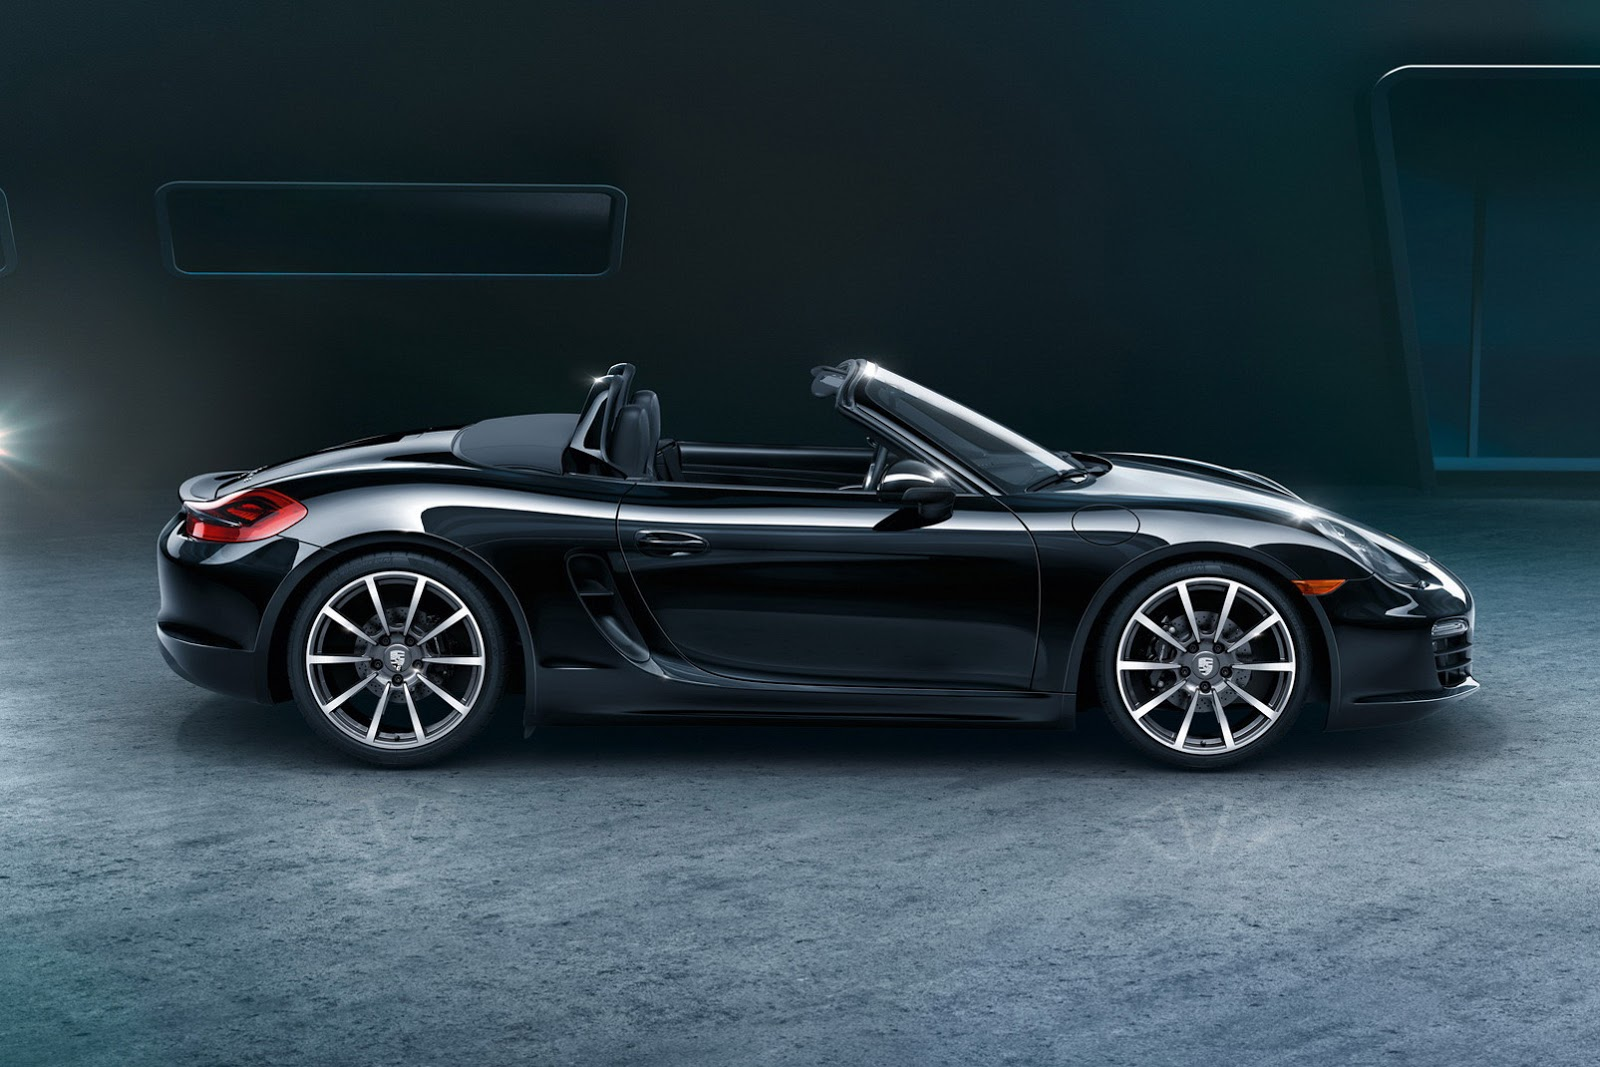 Porsche-Boxster-Black-Edition-5.jpg